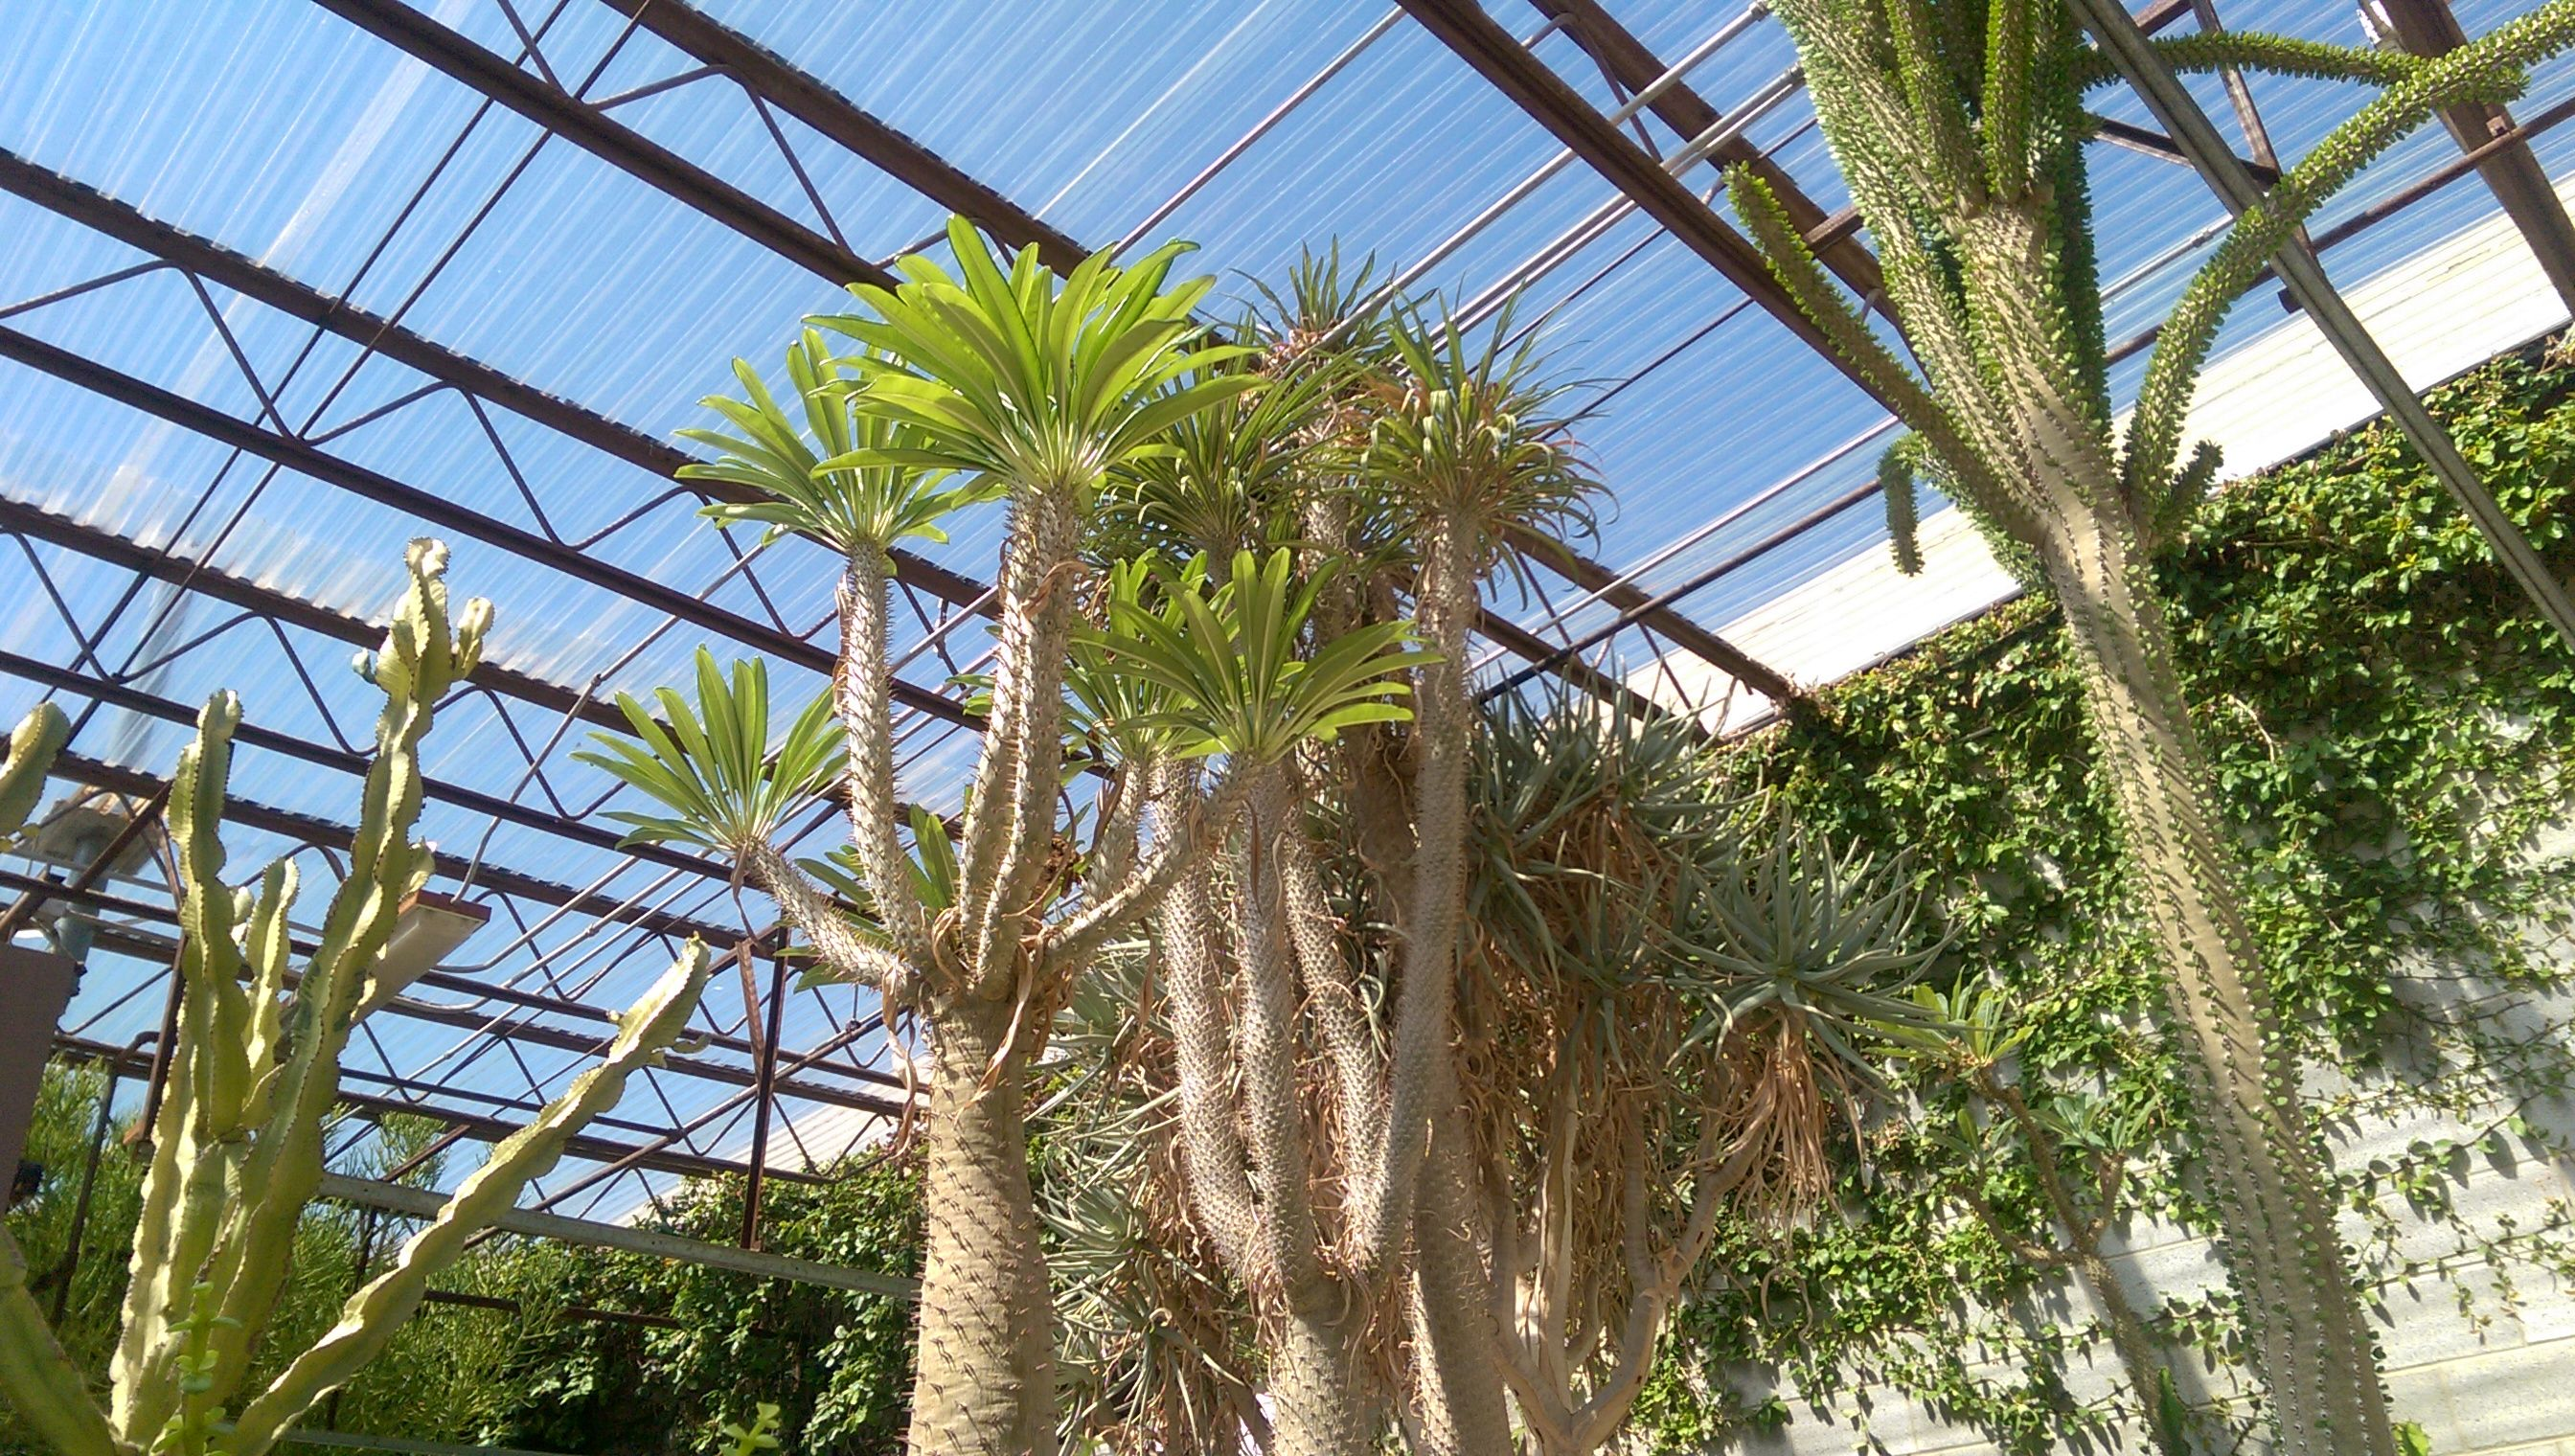 ef6fe082436df0c6108a5853de7f0f27 - Living Desert Zoo And Gardens Carlsbad Nm